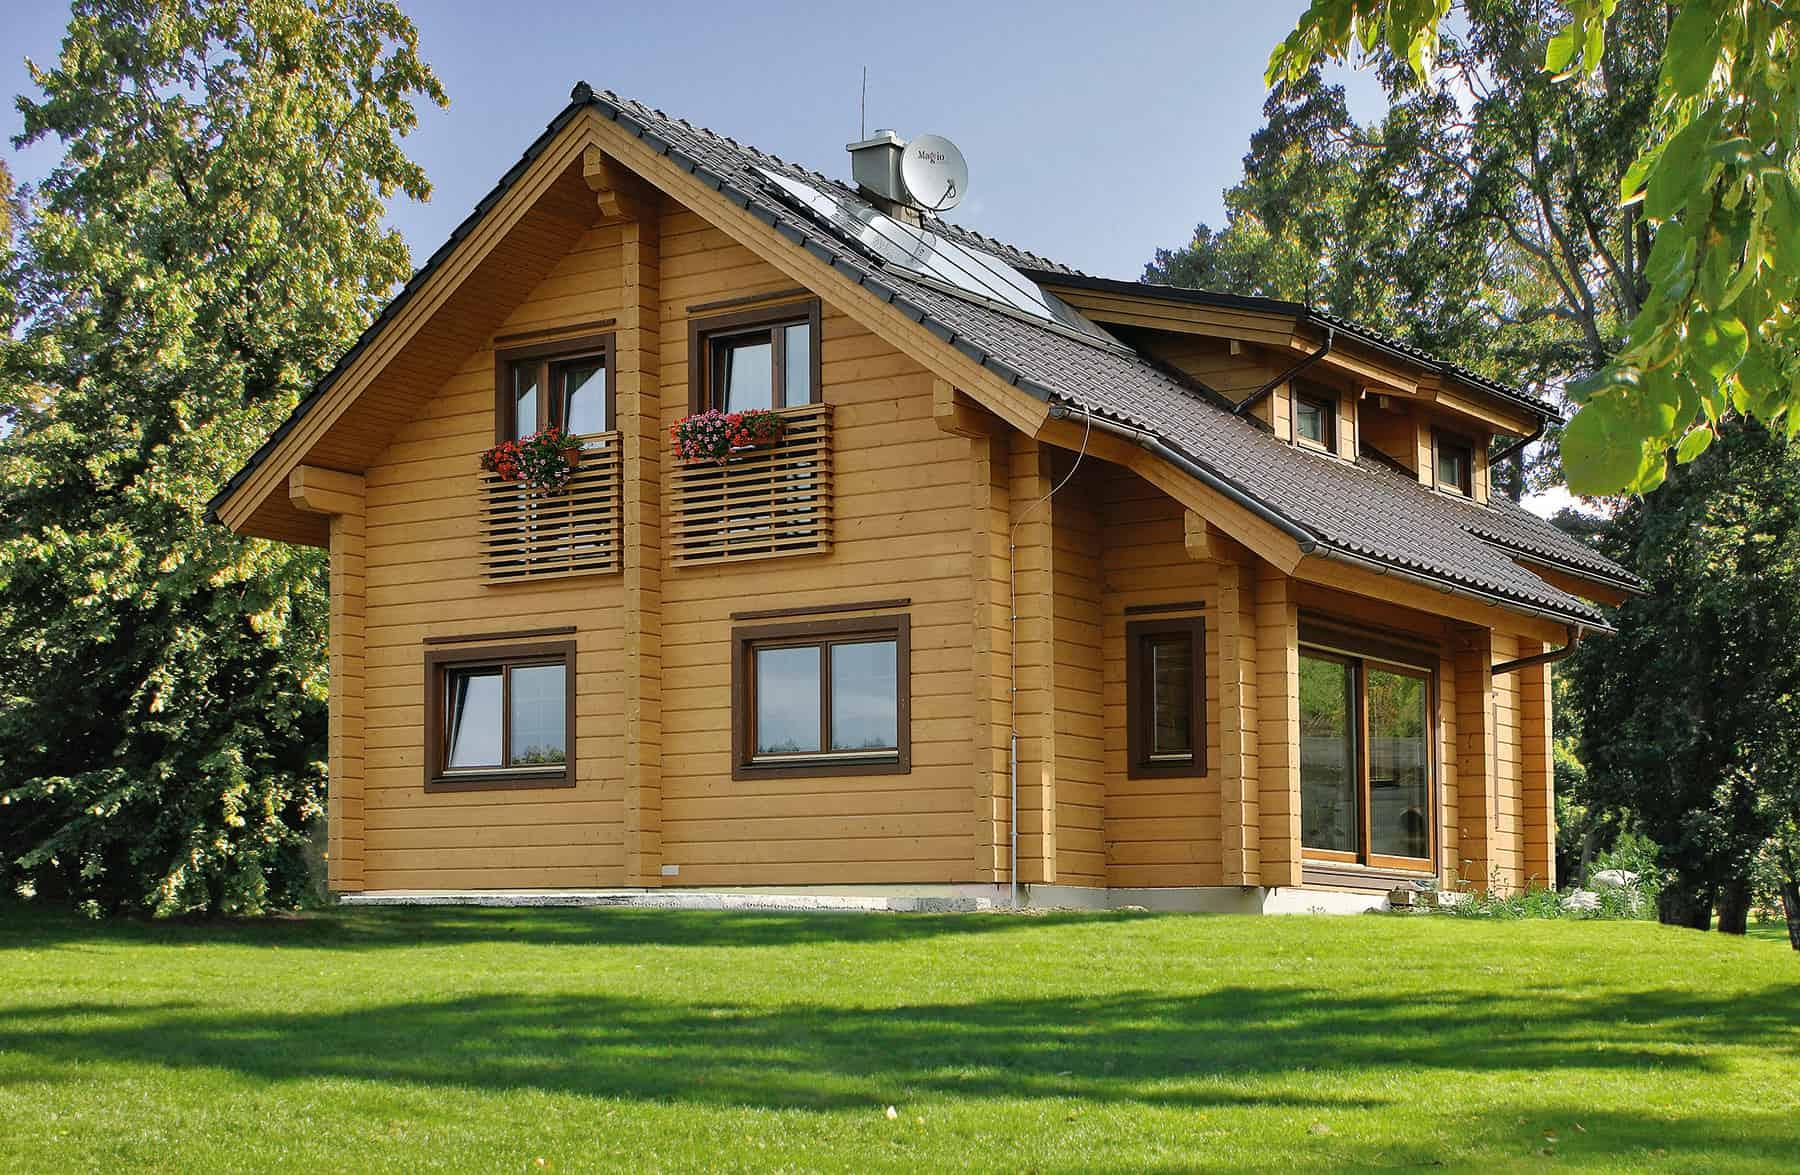 Constructeur Maison En Bois Limoges les avantages des maisons bois | esprit nature bois